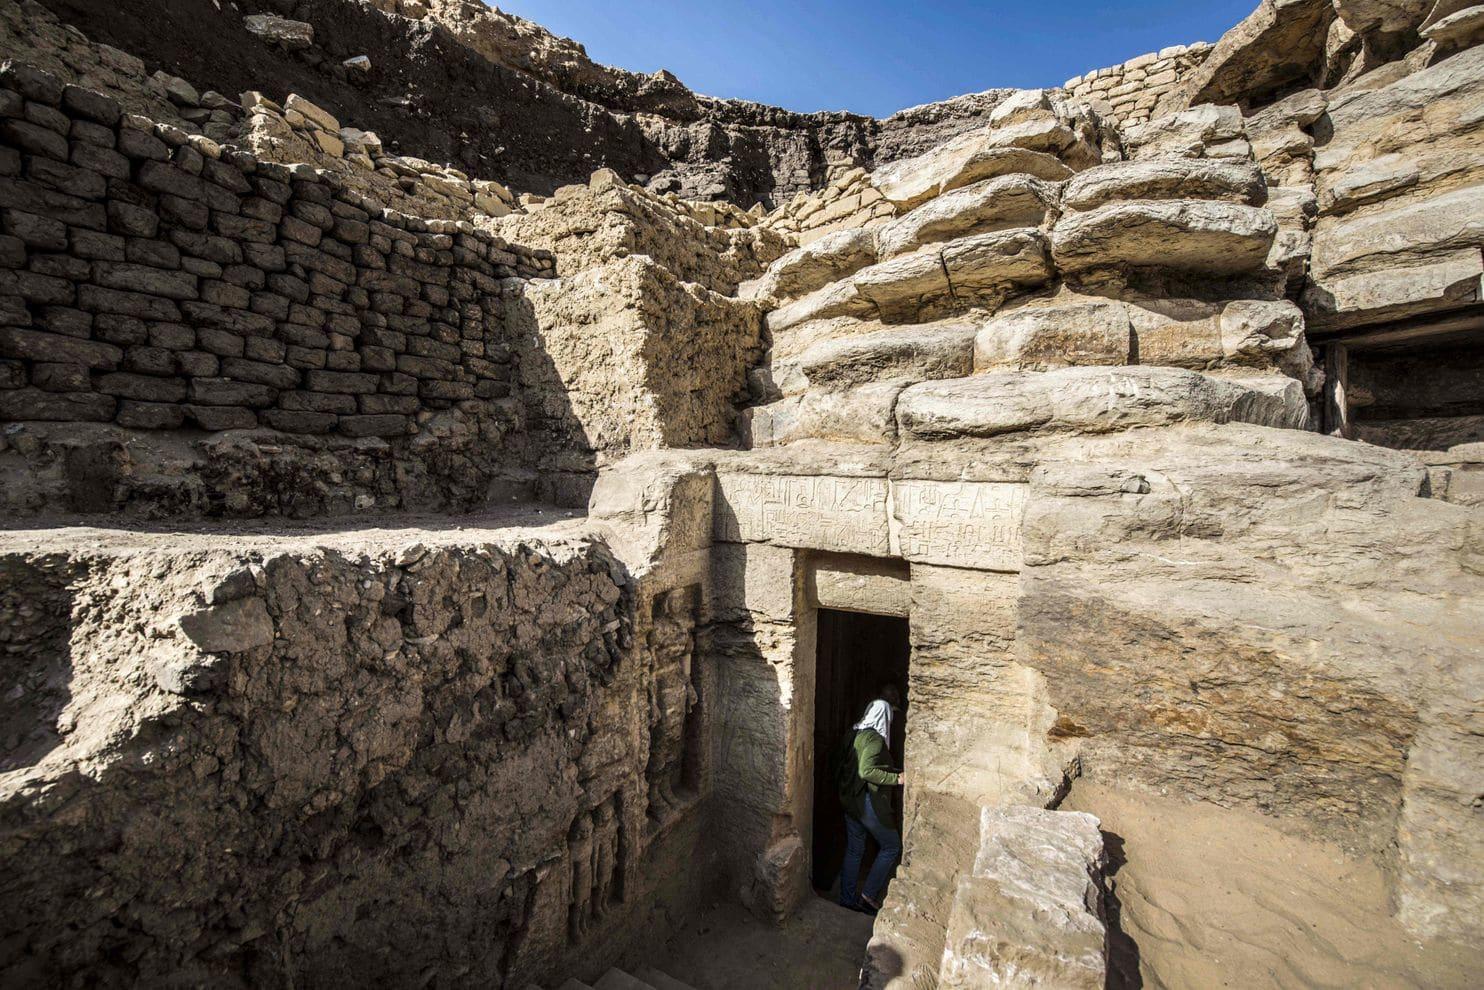 egypt 4400 mum image 8